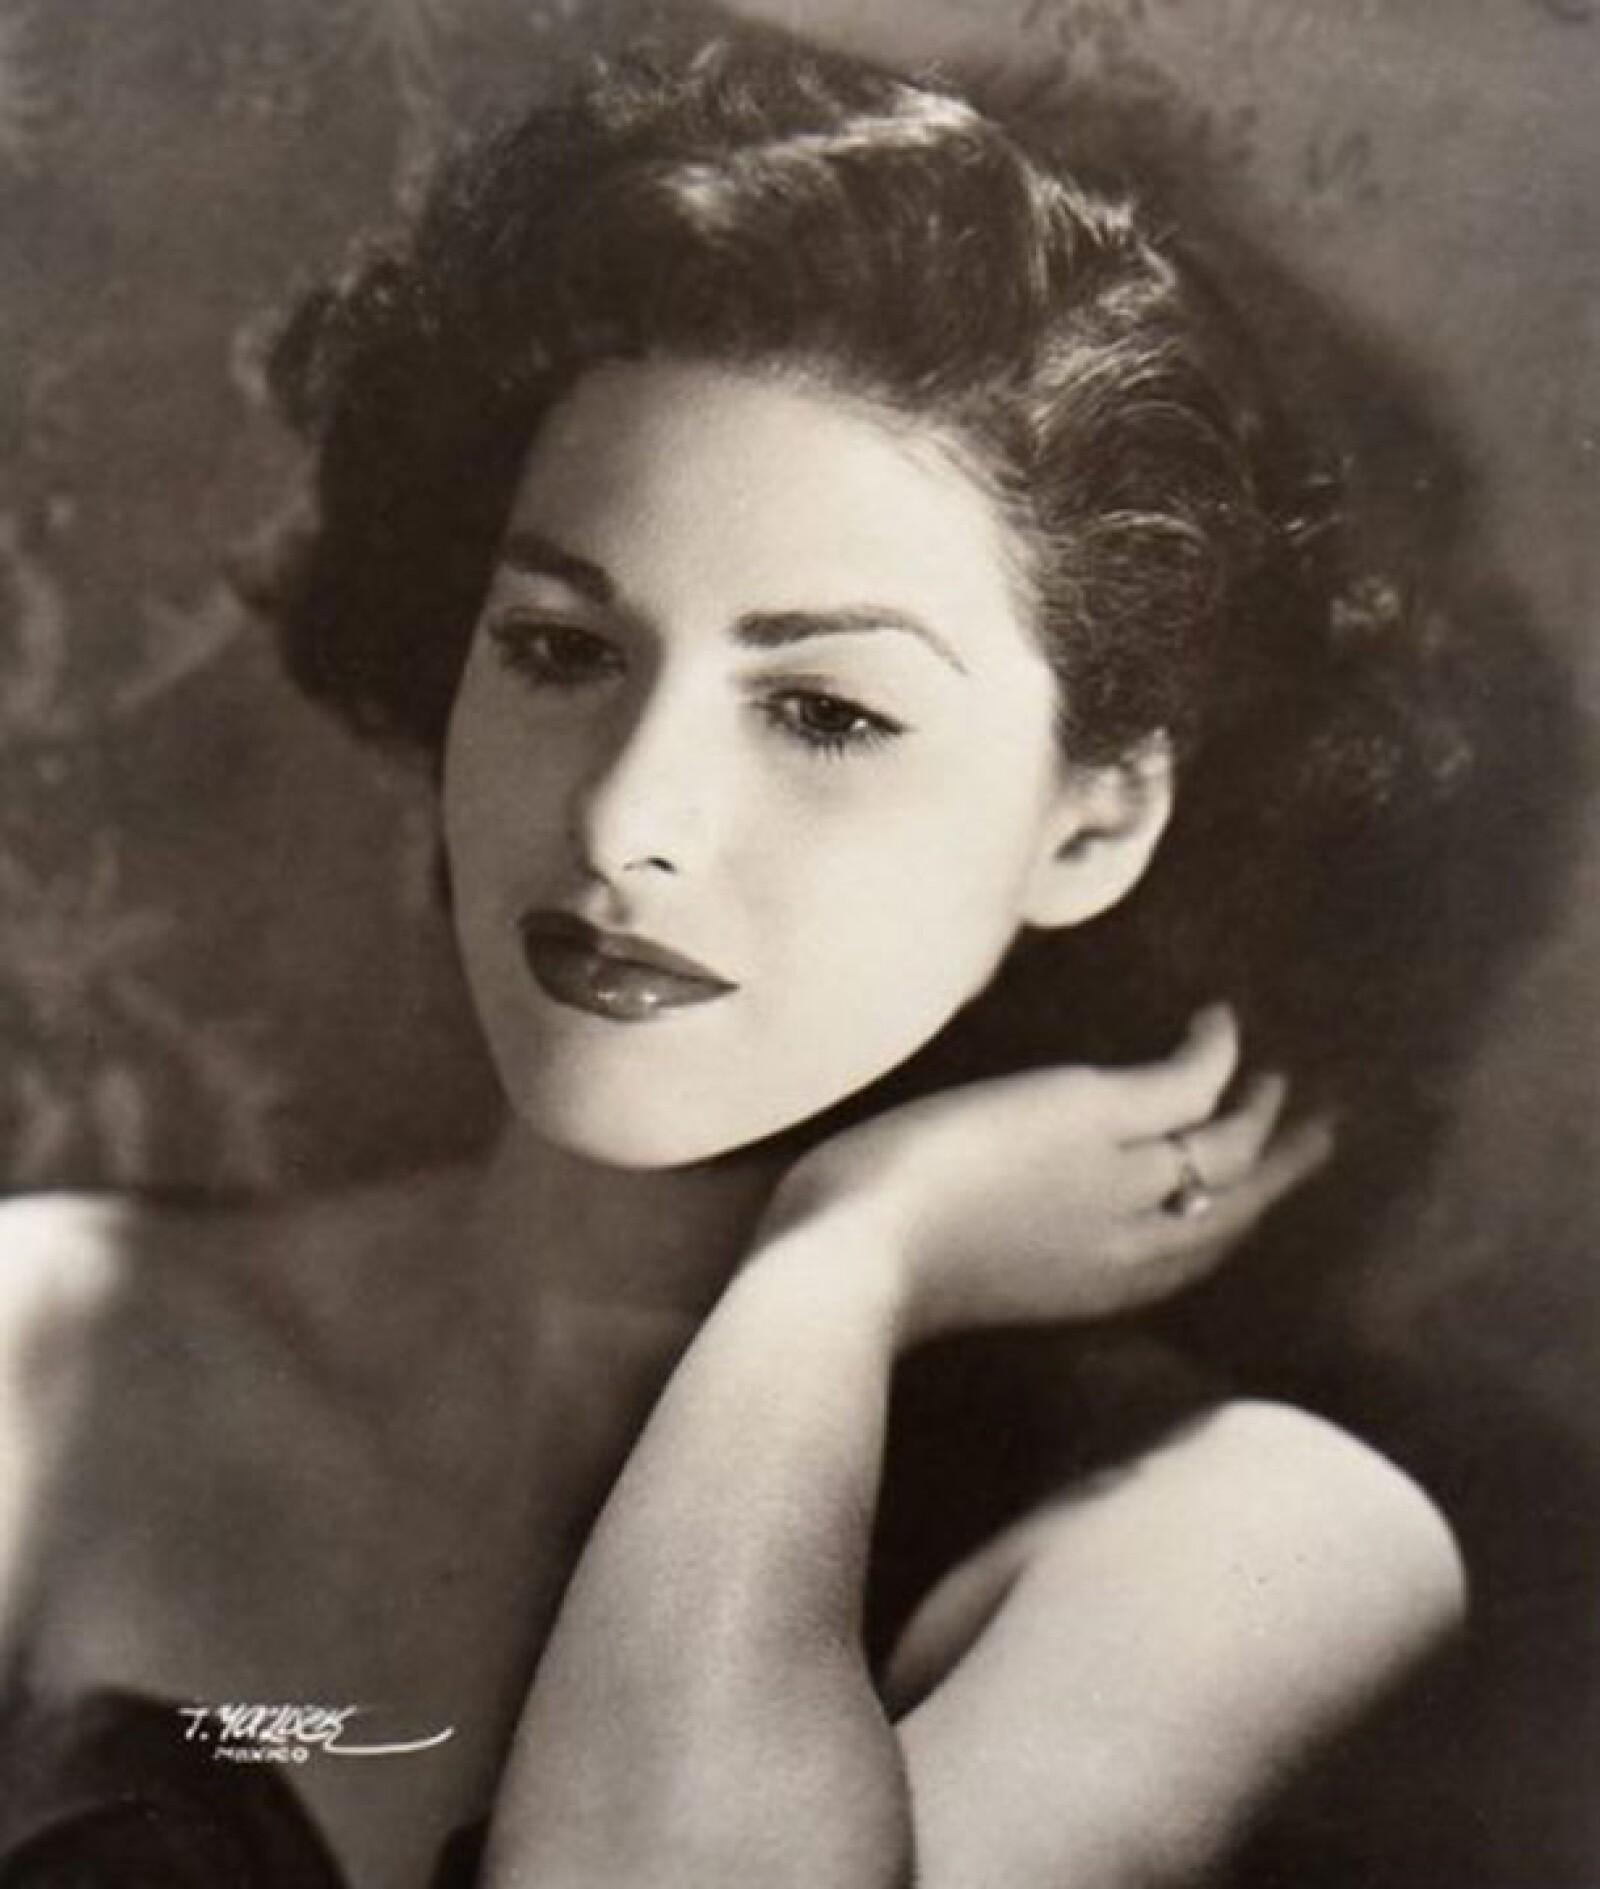 La actriz sólo se casó una vez con Manuel Gonazález Ortega con quien tuvo una hija llamada María.